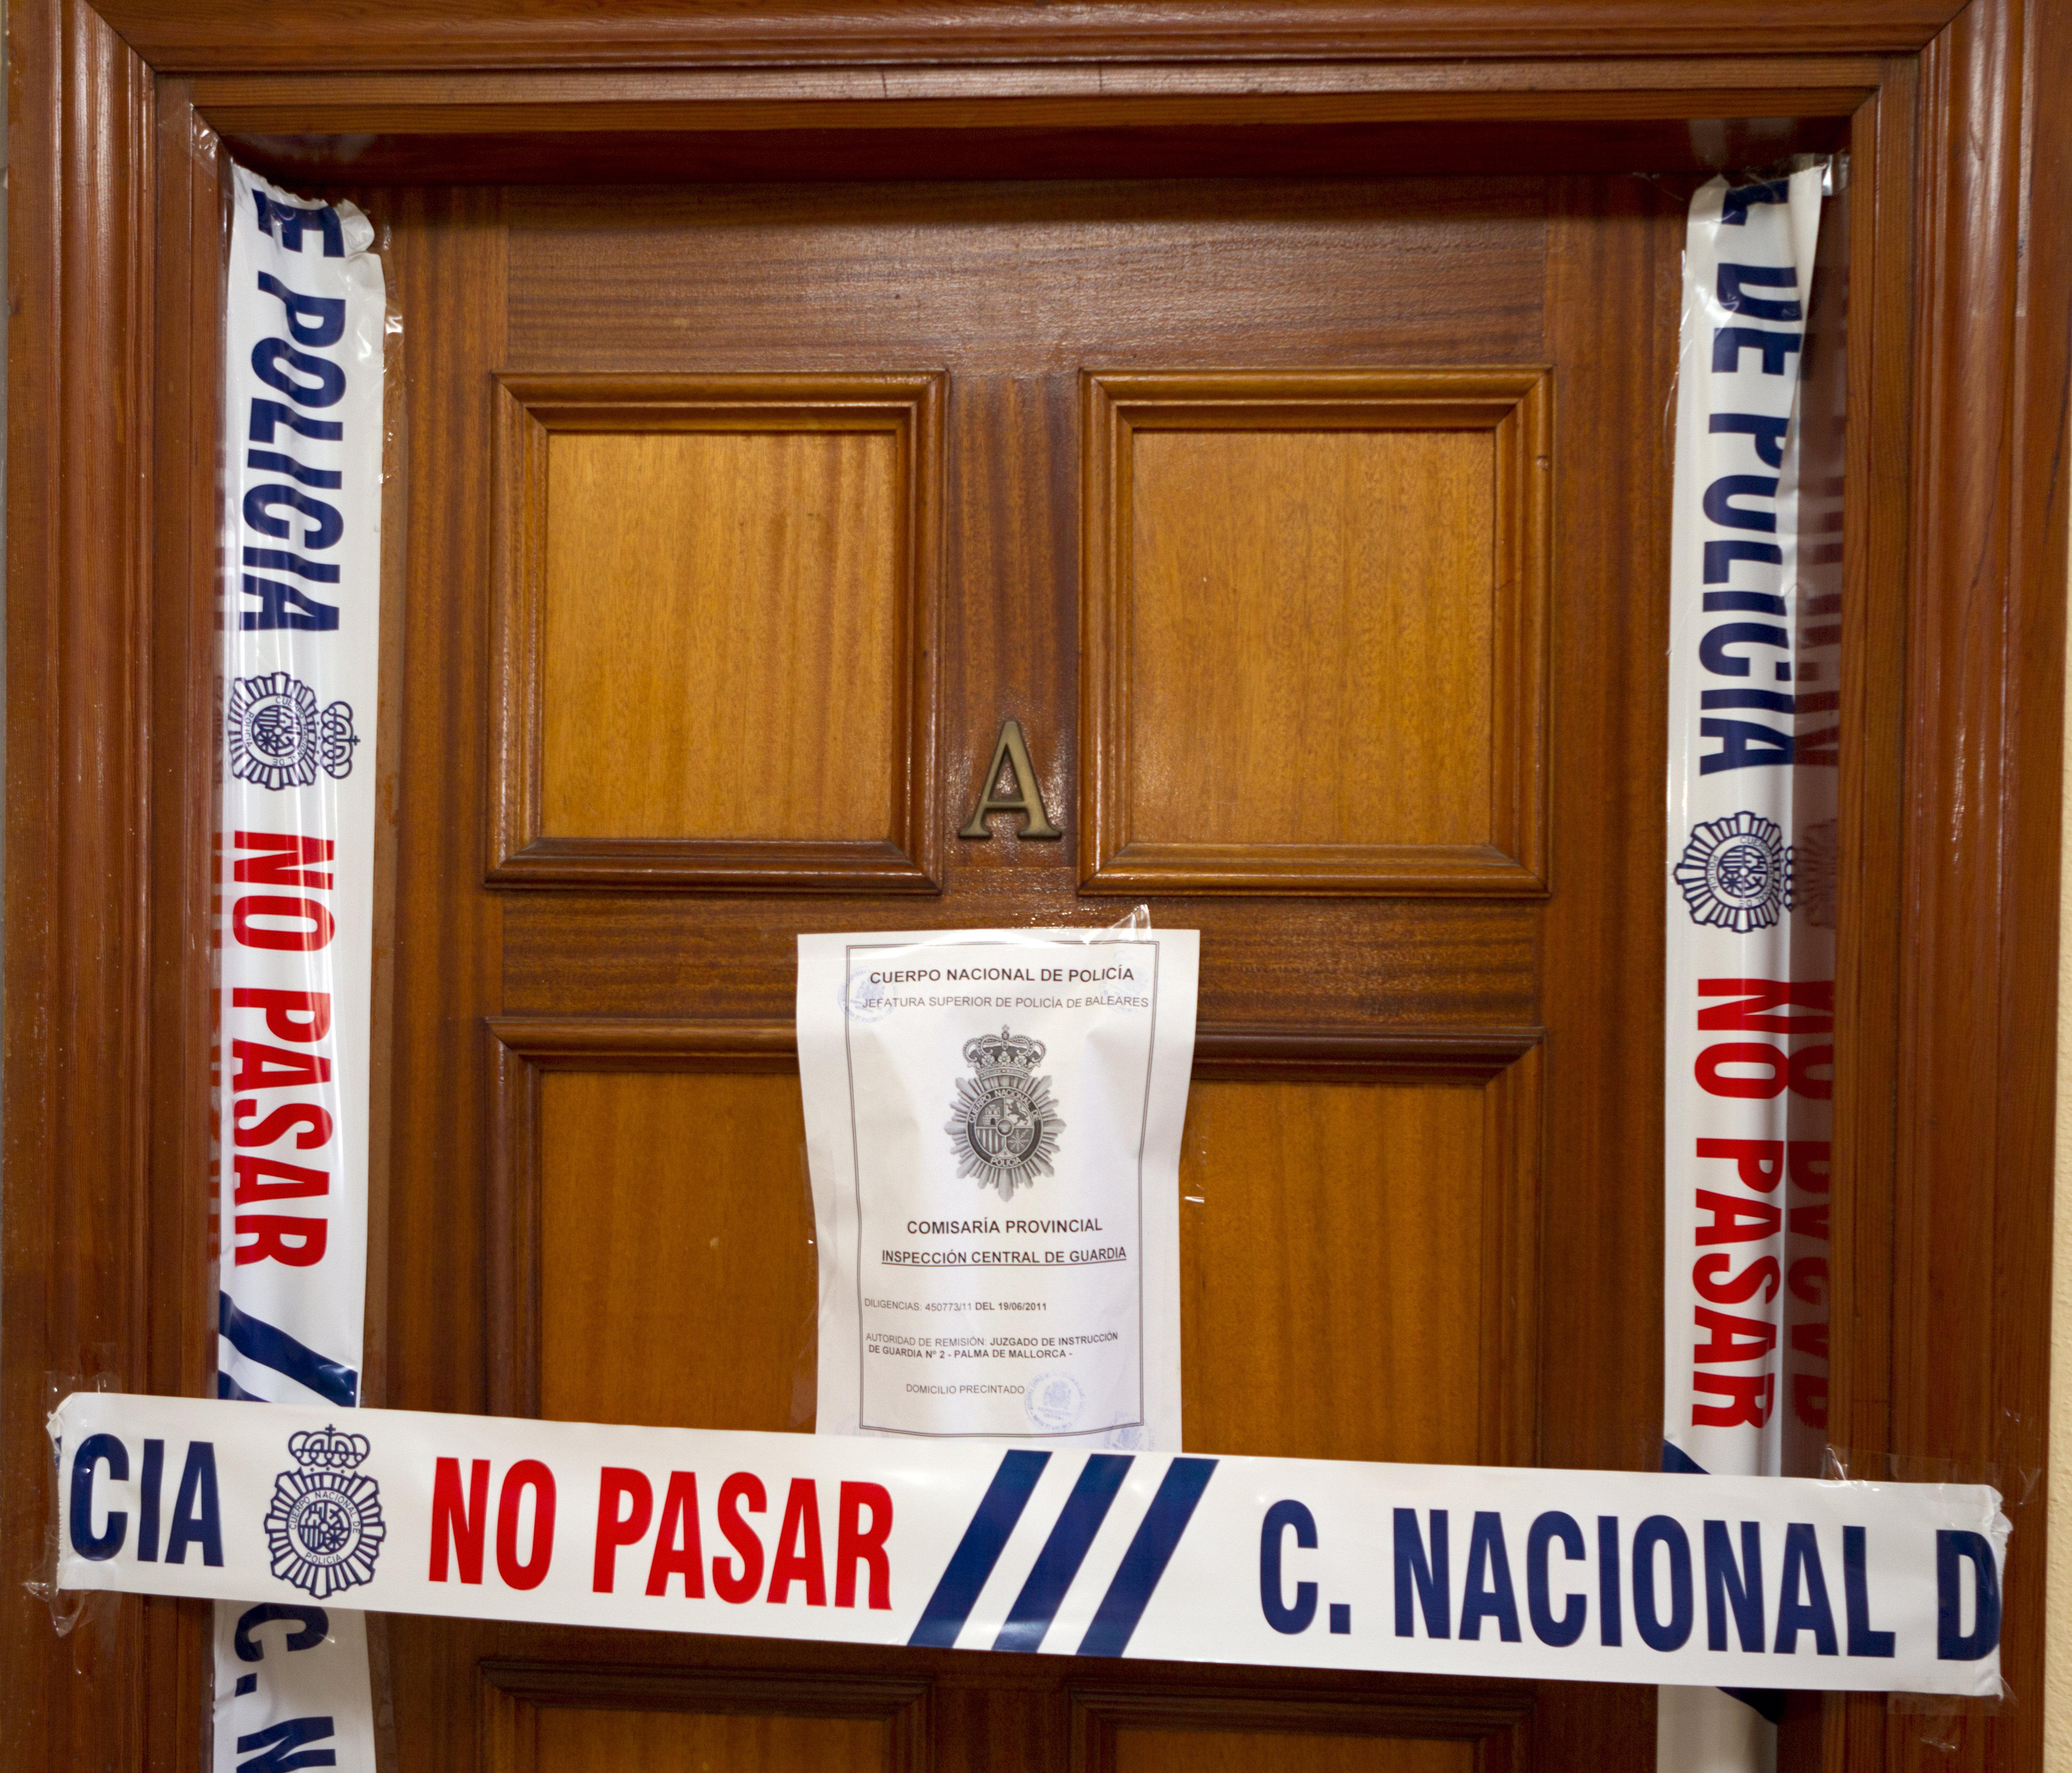 Condenan a 12,6 a la madre y 10 años a su pareja por matar a la hija de 8 años de una paliza en Palma